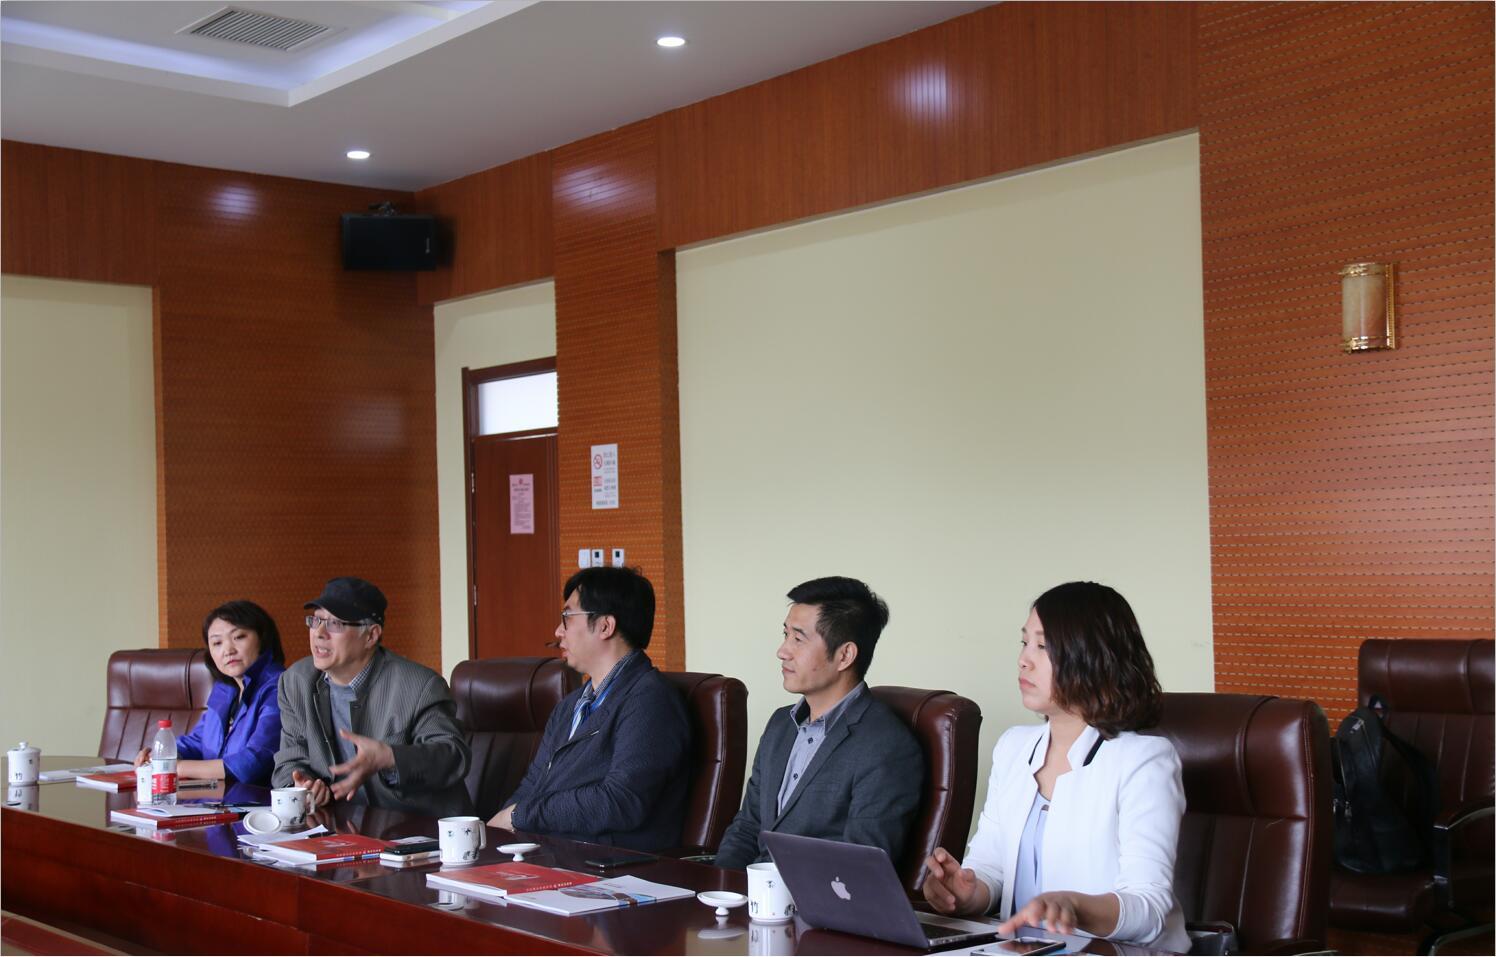 新加坡莎頓亞視傳媒藝術學院領導來我院交流訪問